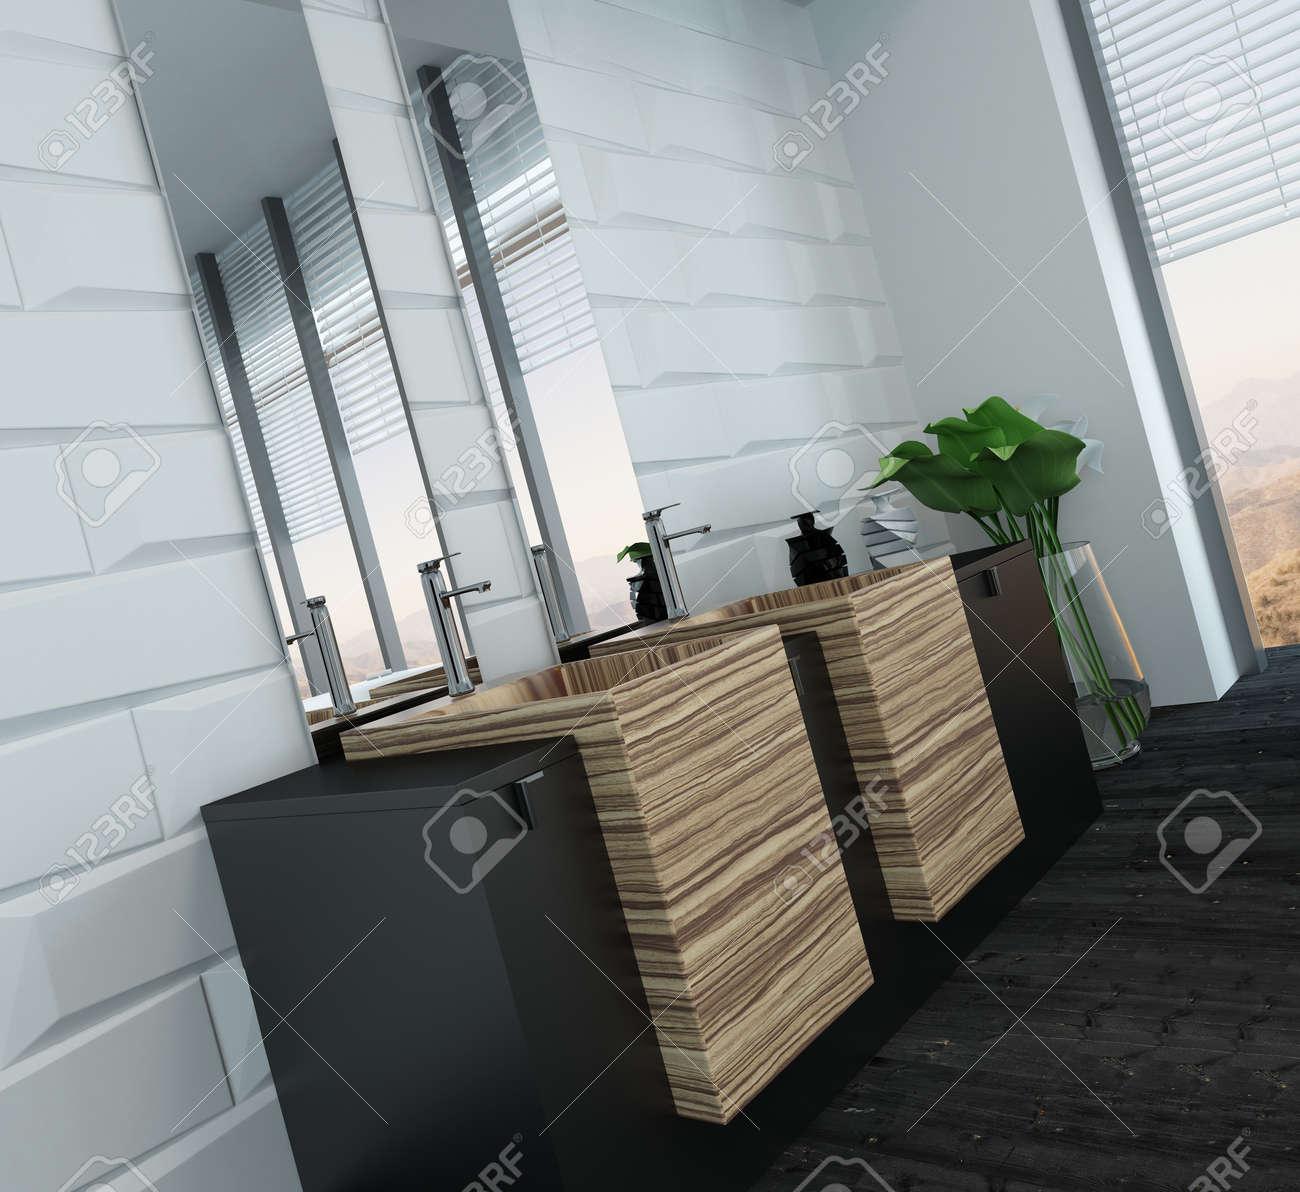 Bild Der Modernen Badezimmer Interieur Mit Holzmöbeln Lizenzfreie ...